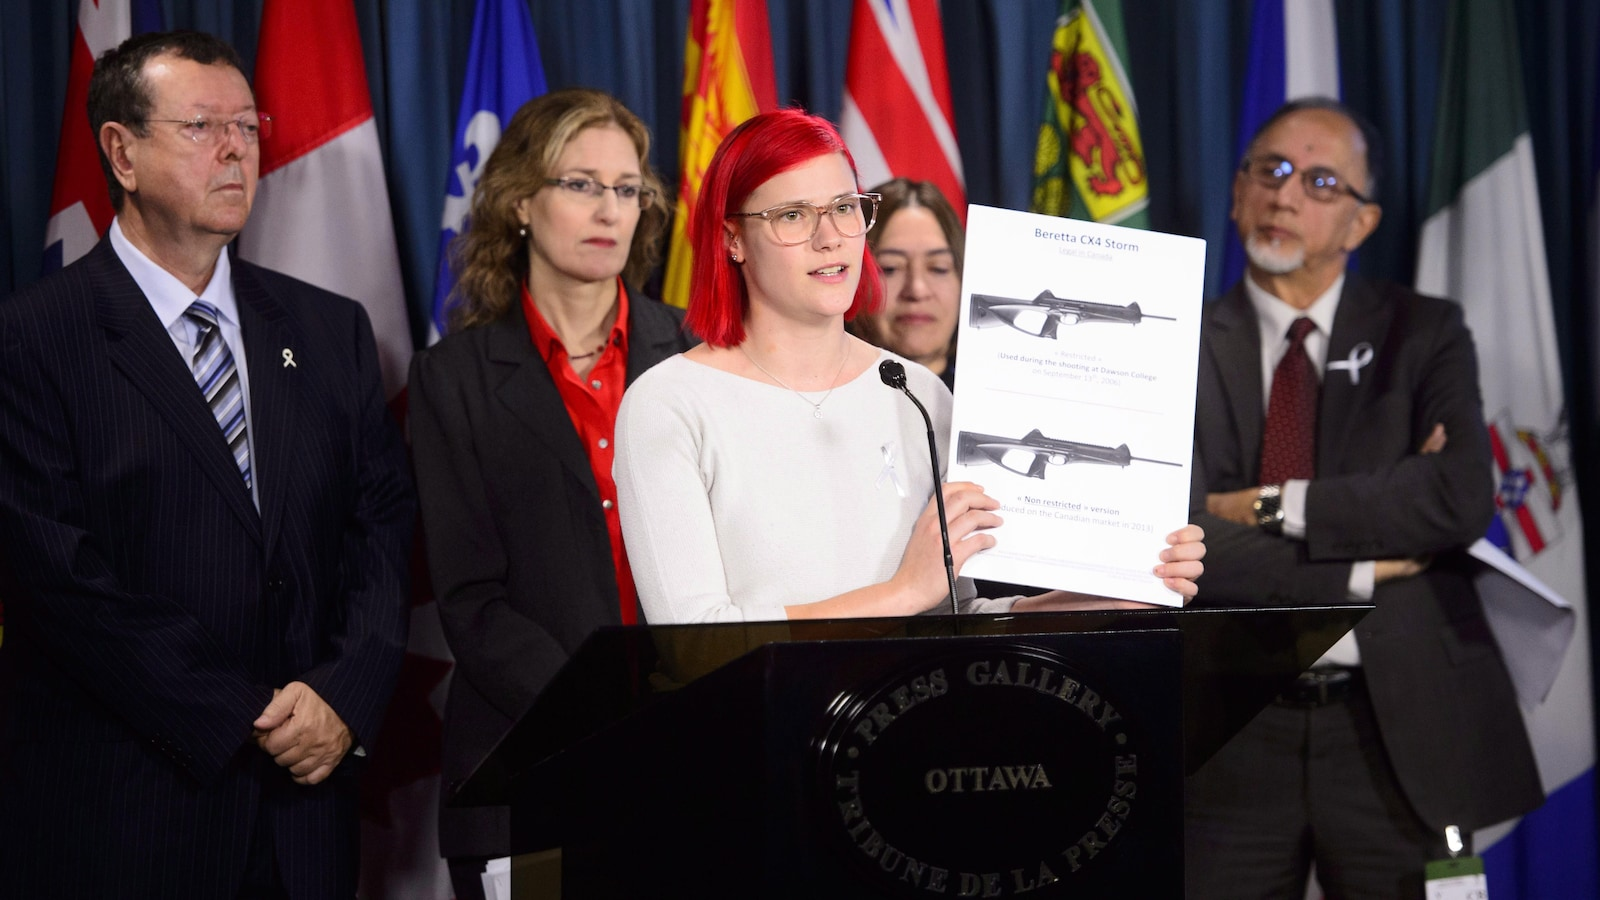 Une jeune fille aux cheveux rouges tient une image d'armes à feu lors d'une conférence de presse.